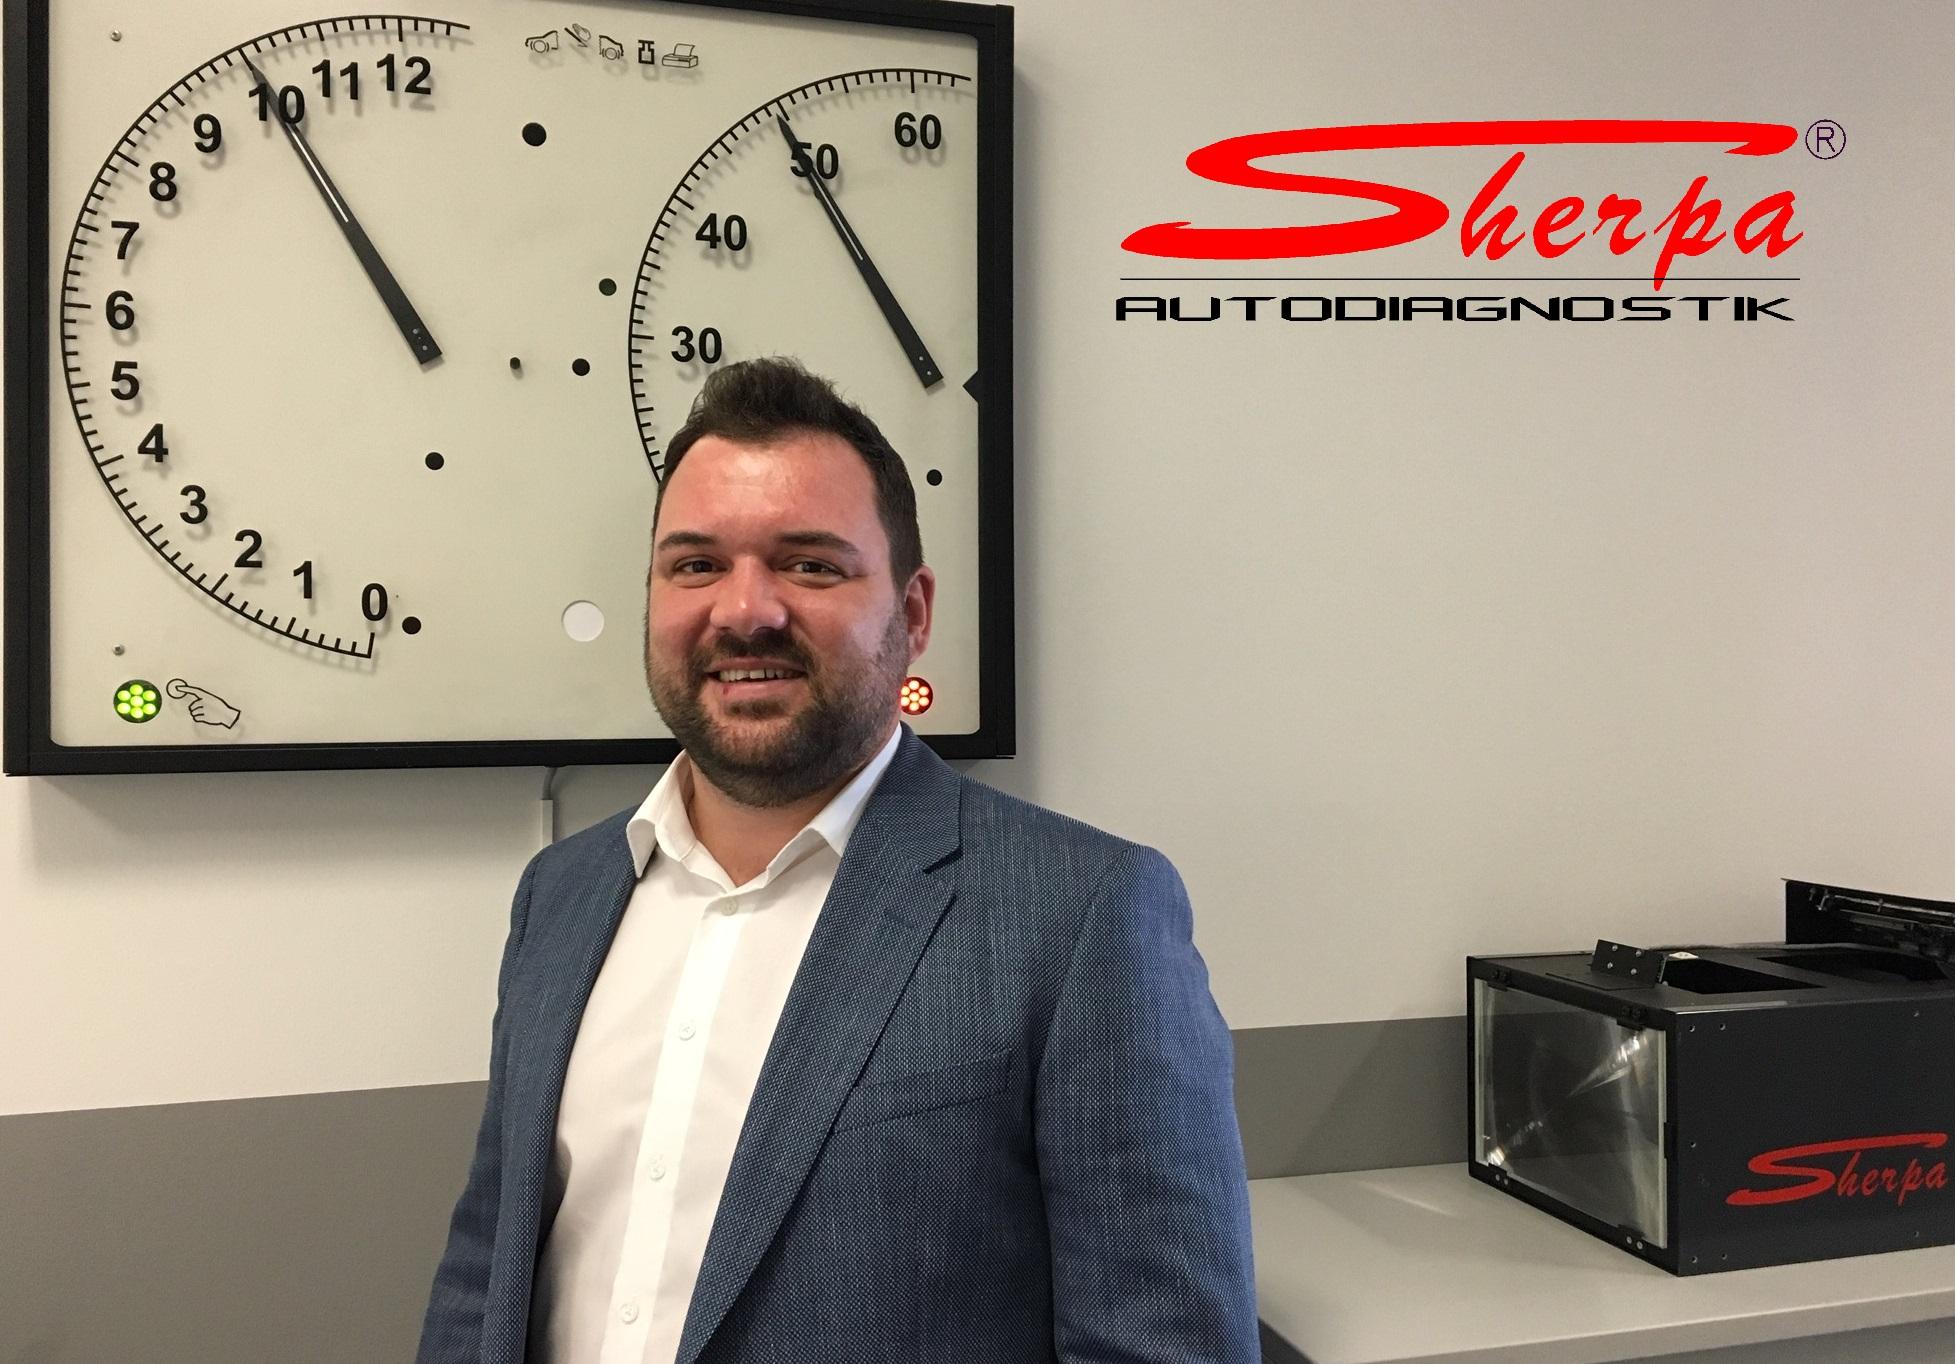 SHERPA Neuer Mitarbeiter Entwicklung Herr Bosin